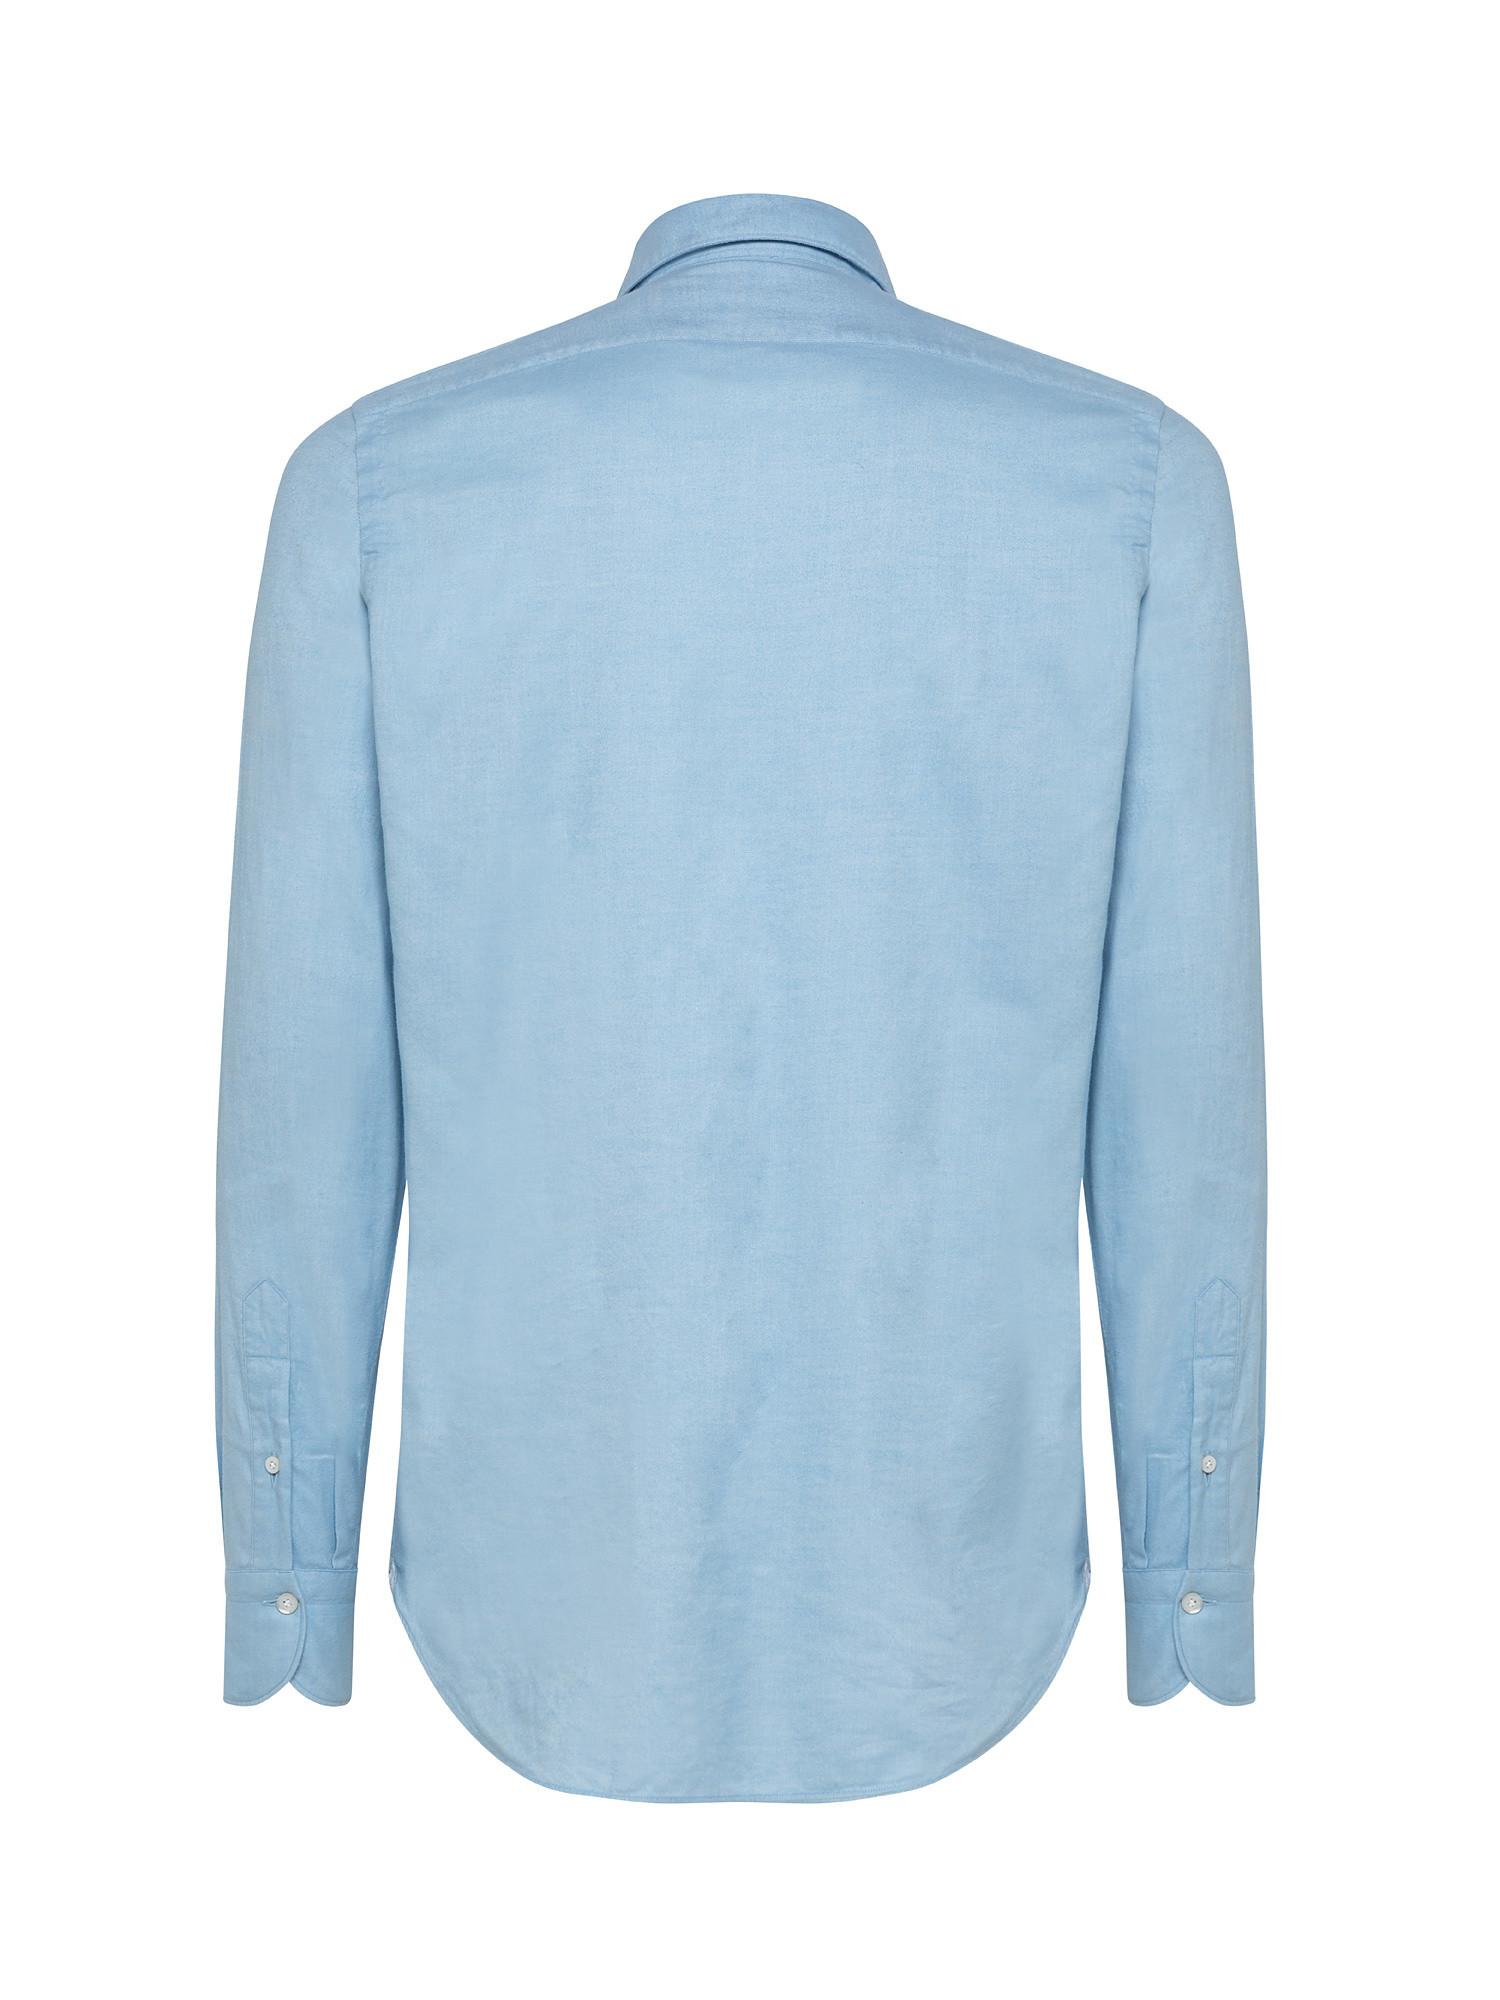 Camicia uomo slim fit, Azzurro, large image number 1